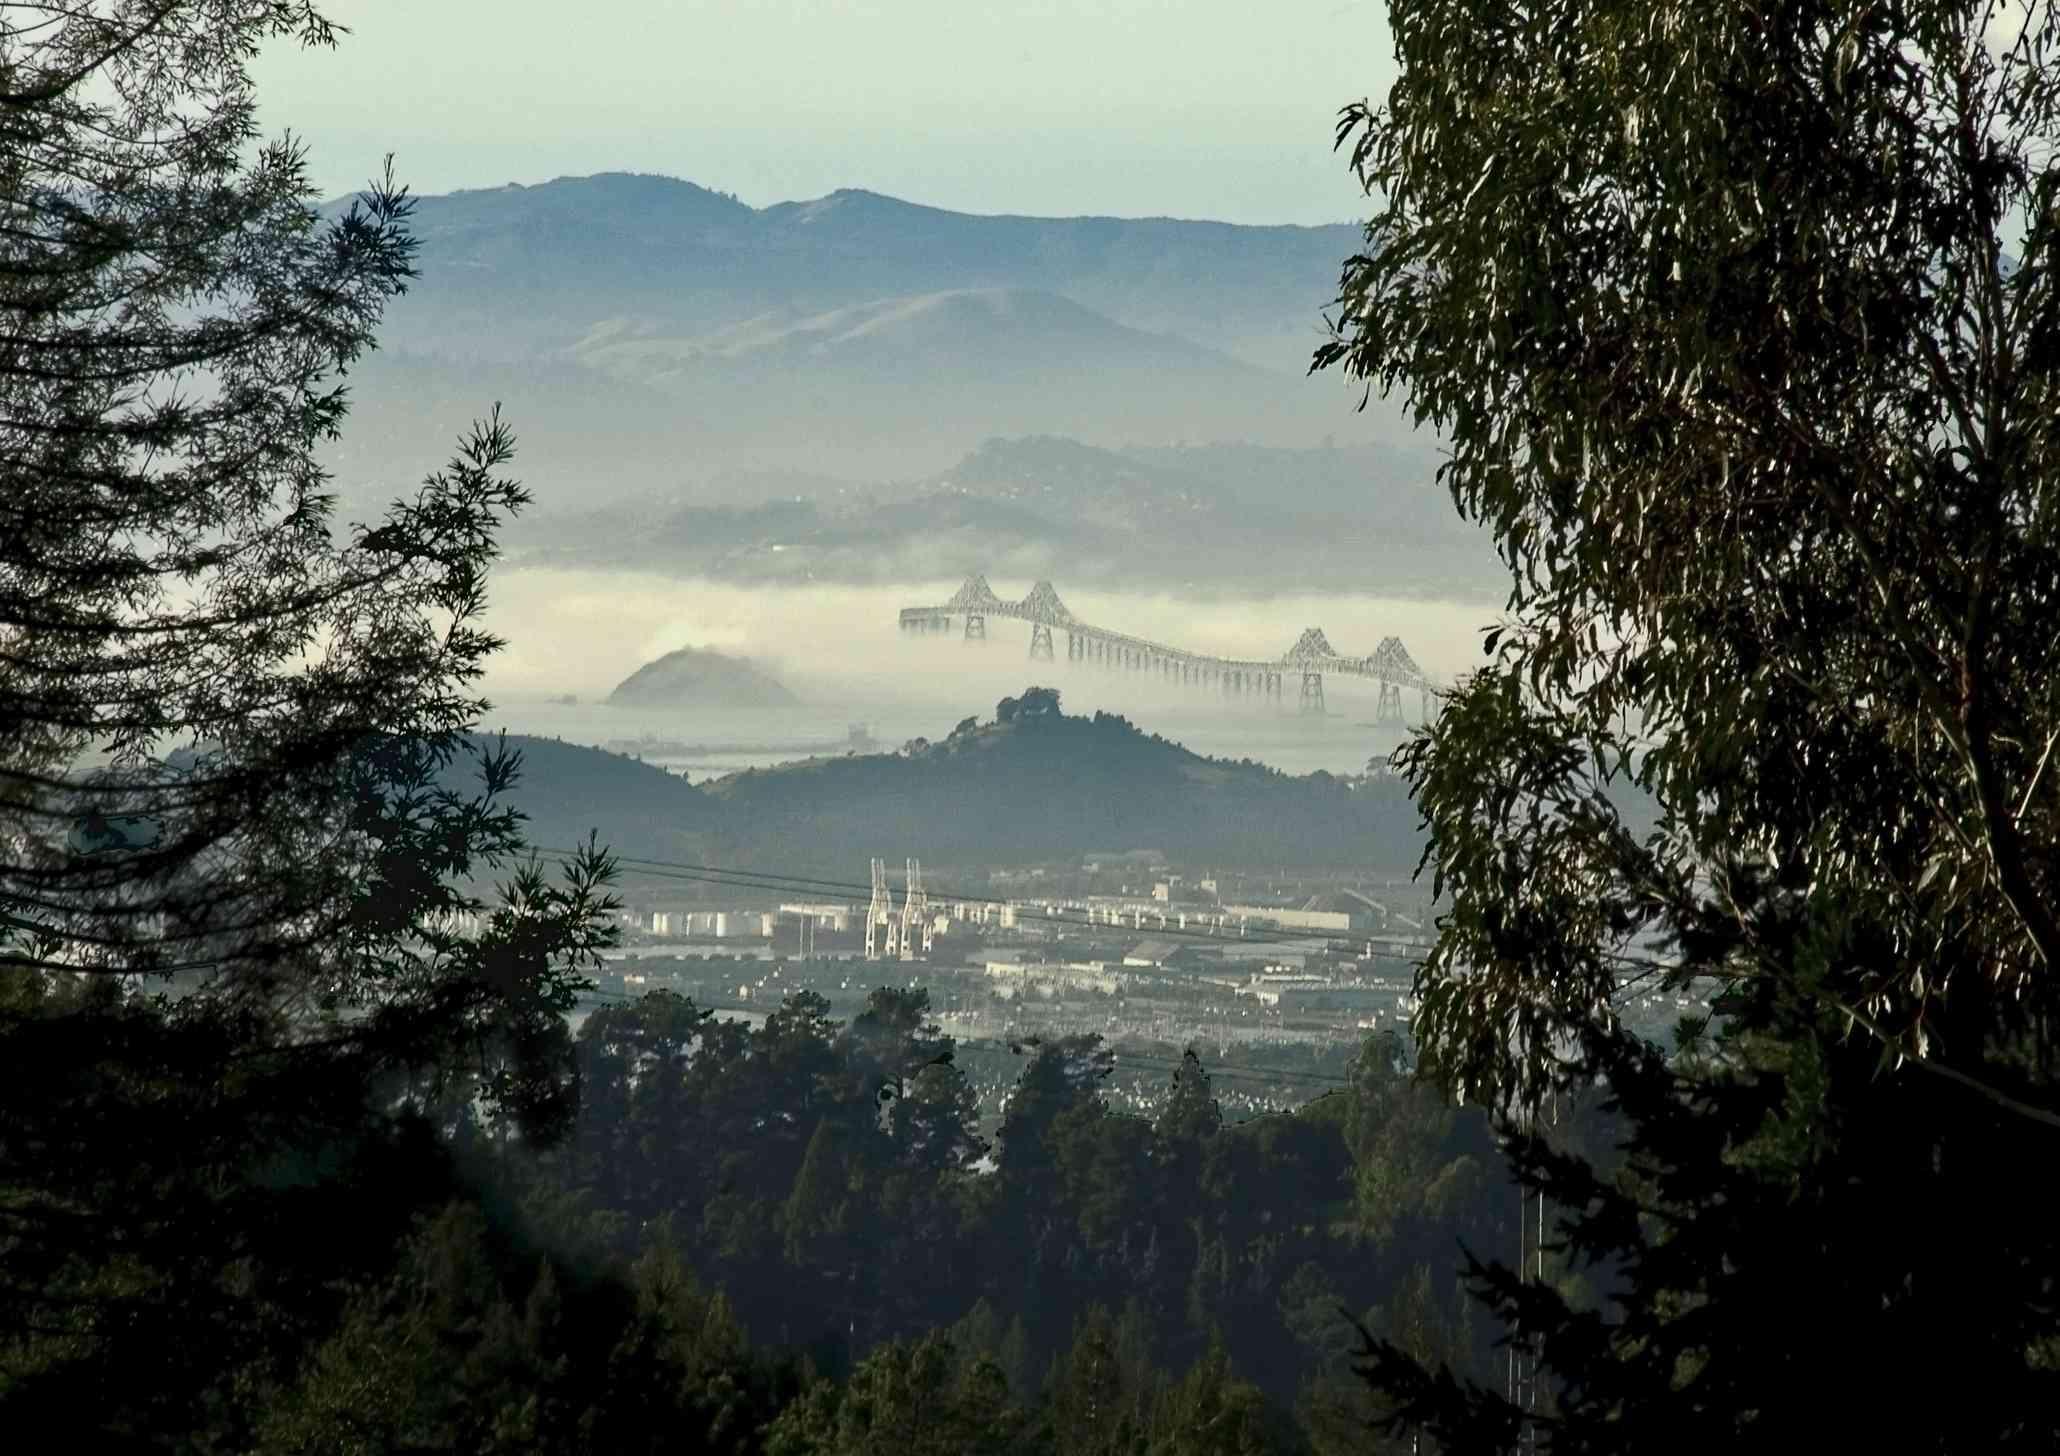 View of Berkeley and the golden gate bridge from Tilden Park's Vollmer Peak